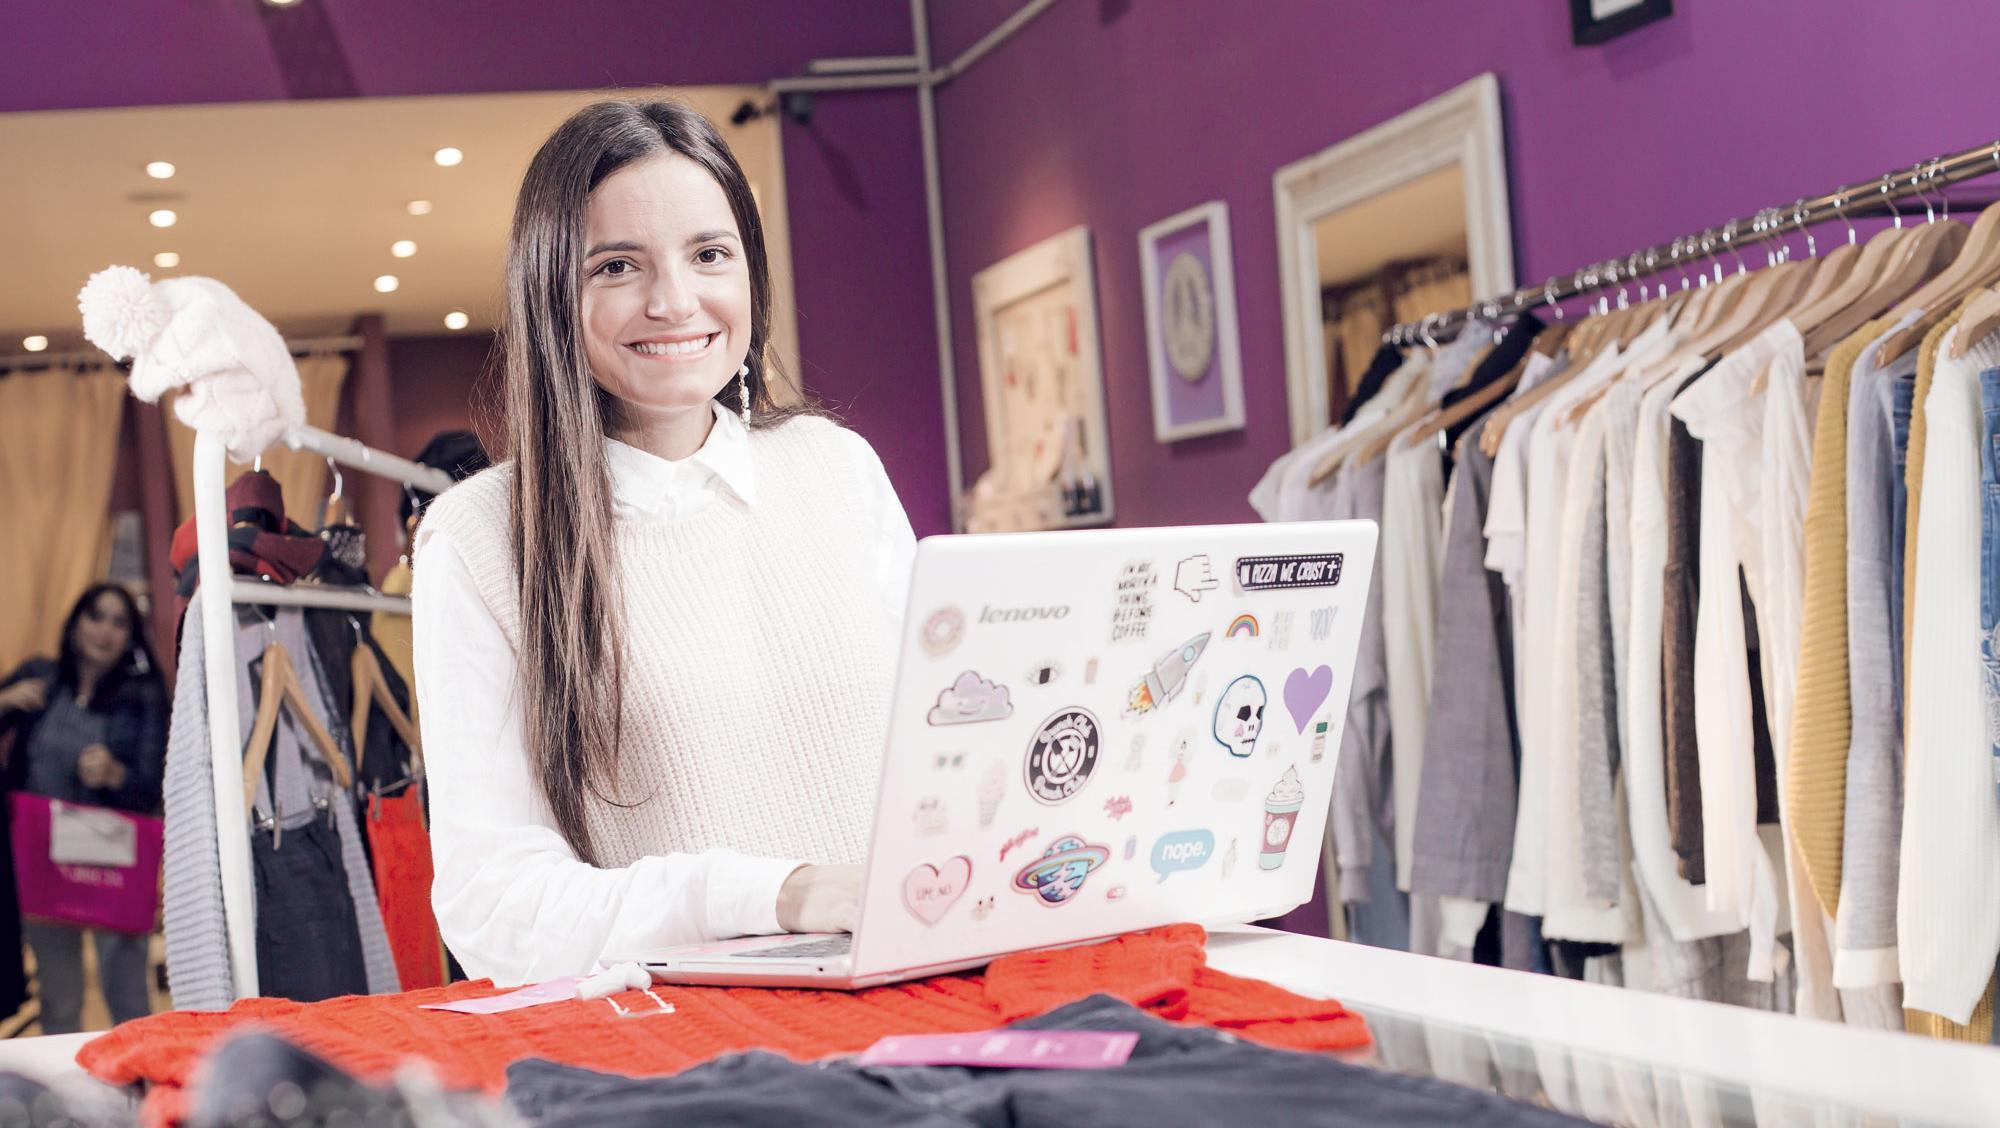 Comenzó vendiendo ropa en su living y ahora tiene 60.000 clientes en su tienda online